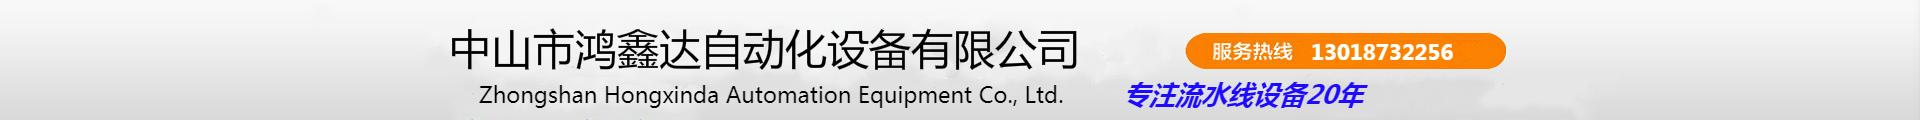 中山市鴻鑫達自動化設備有限公司